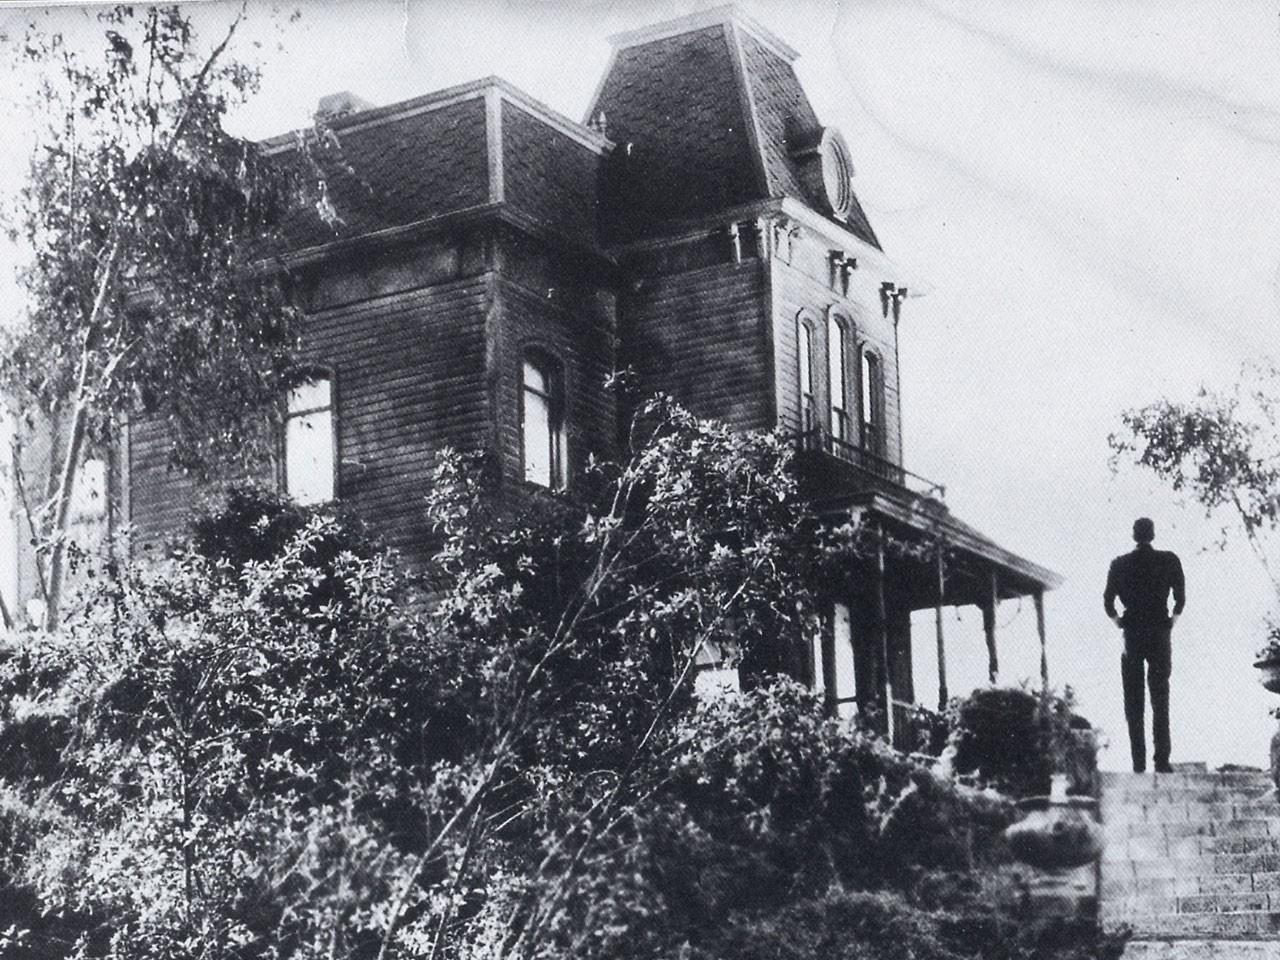 Wallpaper del film Psycho con la casa di Norman Bates